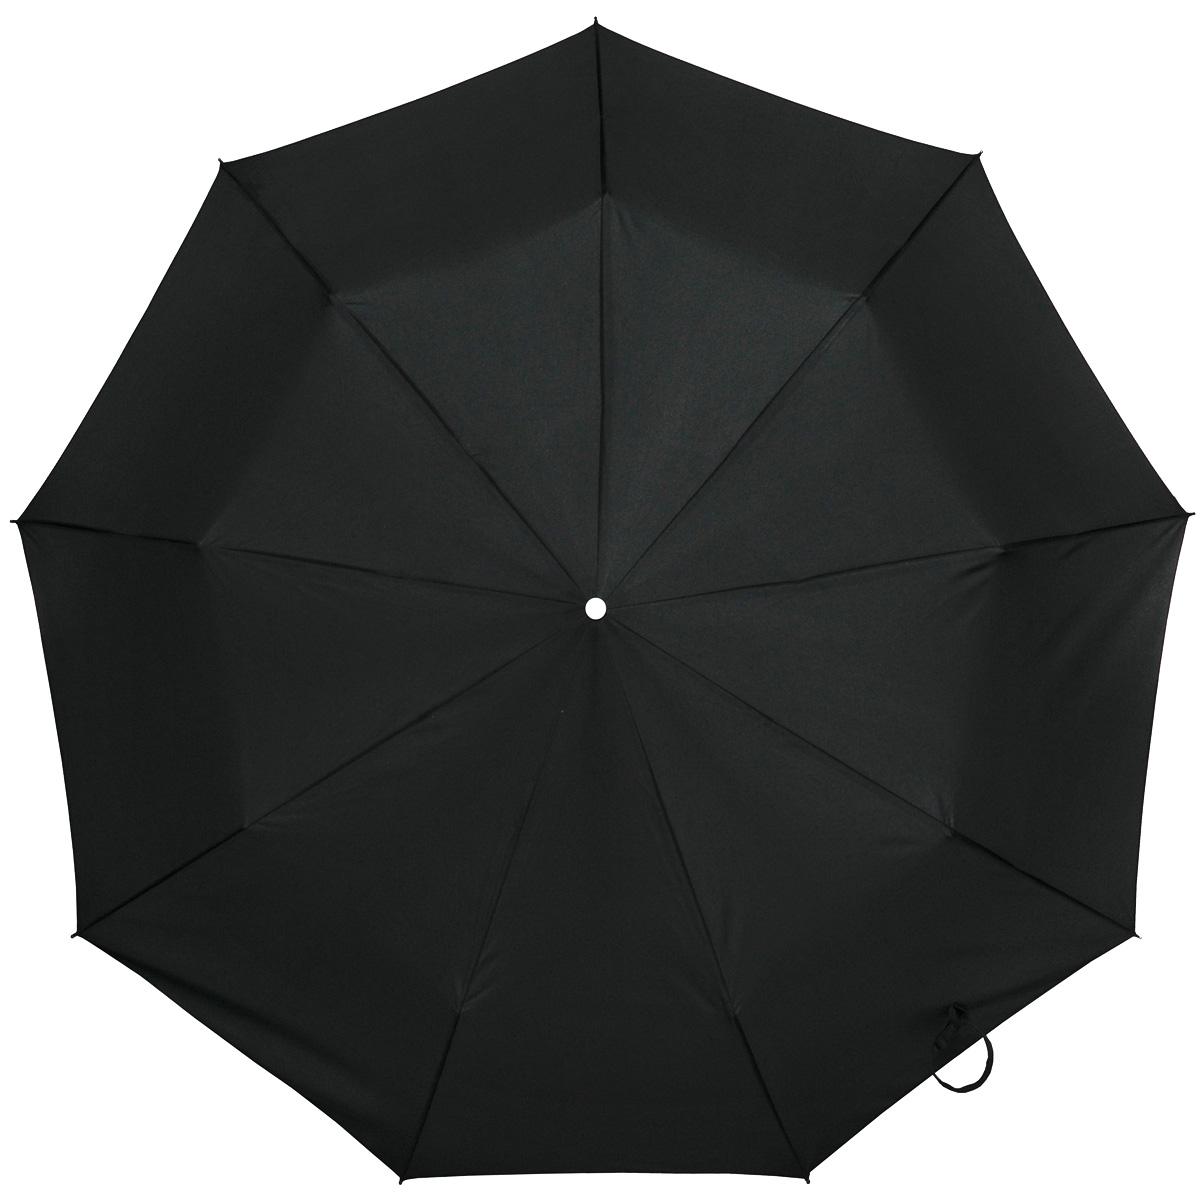 Зонт мужской Zest, автомат, 3 сложения, цвет: черный. 13830 зонт мужской  zest   автомат  3